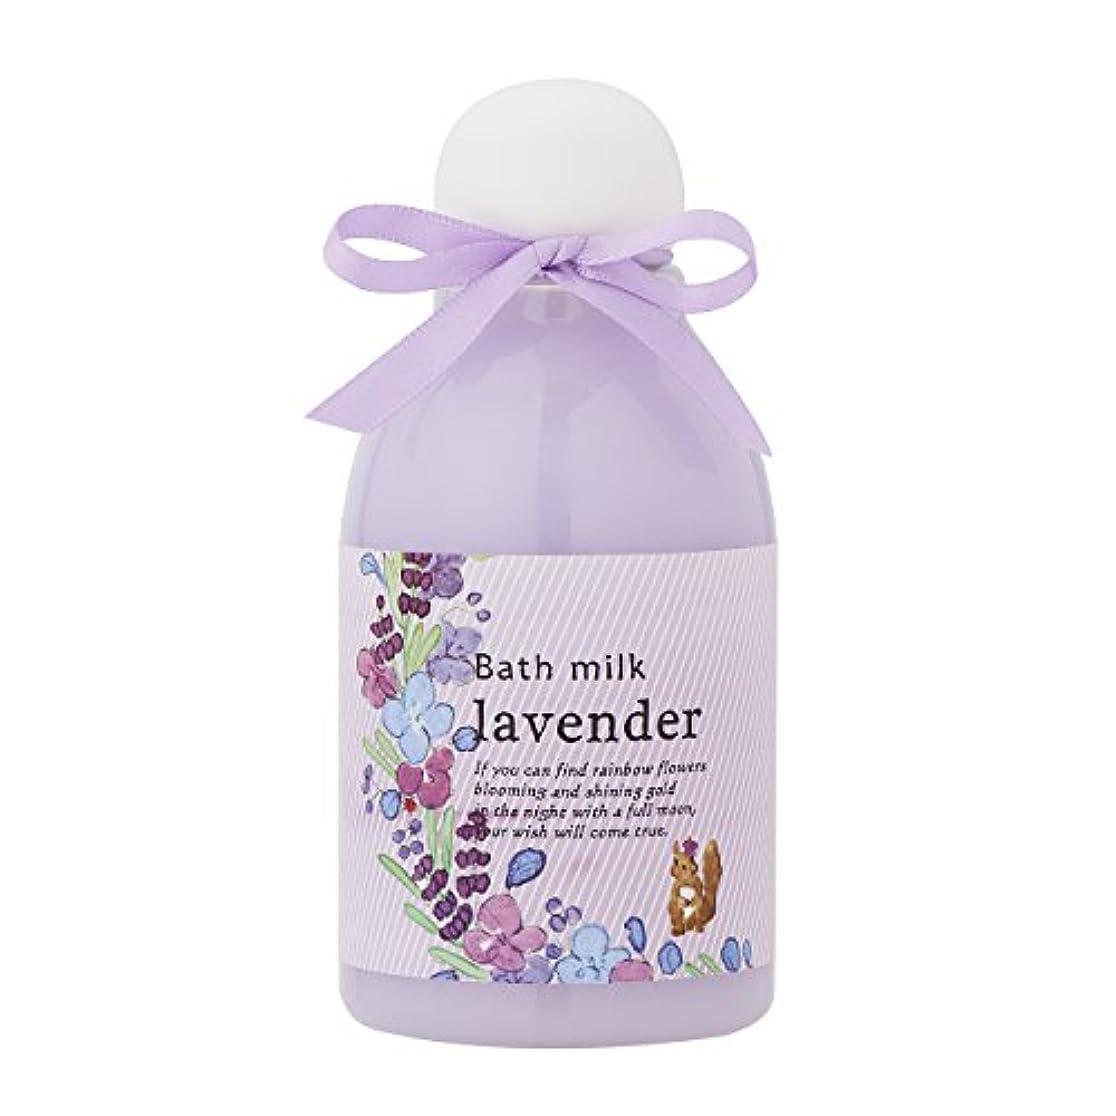 不安定クスクススキッパーサンハーブ バスミルク ラベンダー 200ml(バブルバスタイプ入浴料 泡風呂 ふわっと爽やかなラベンダーの香り)